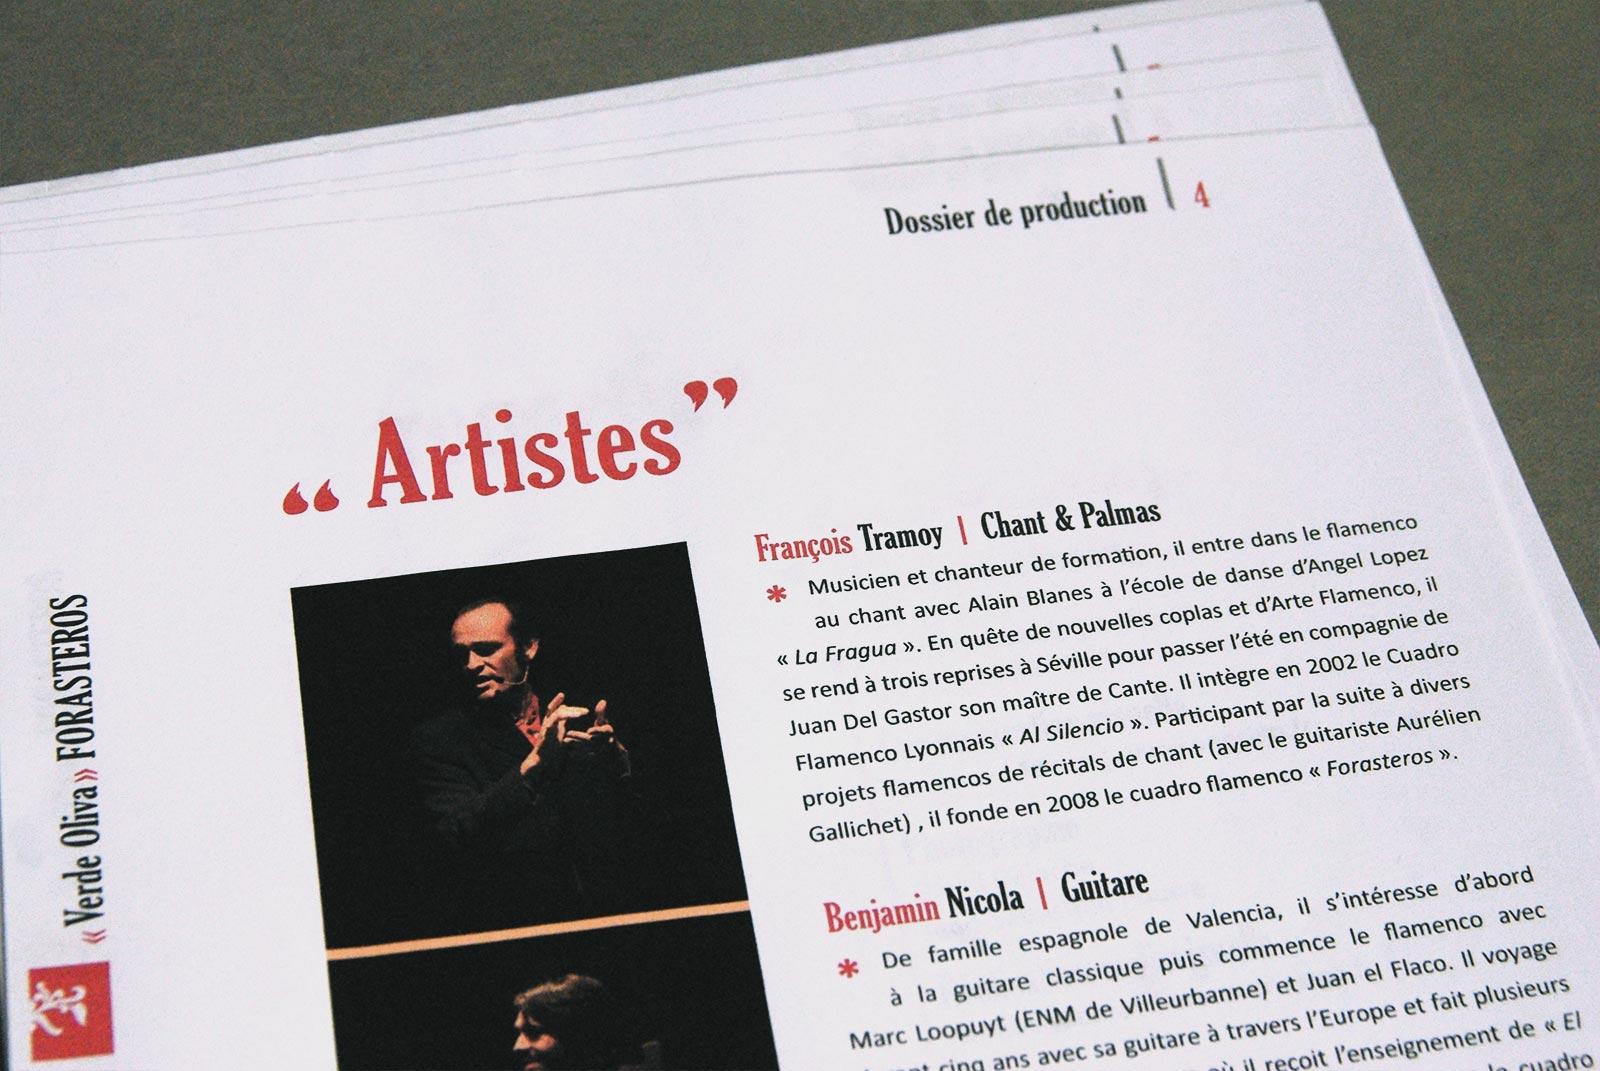 Cuadro Flamenco Forasteros